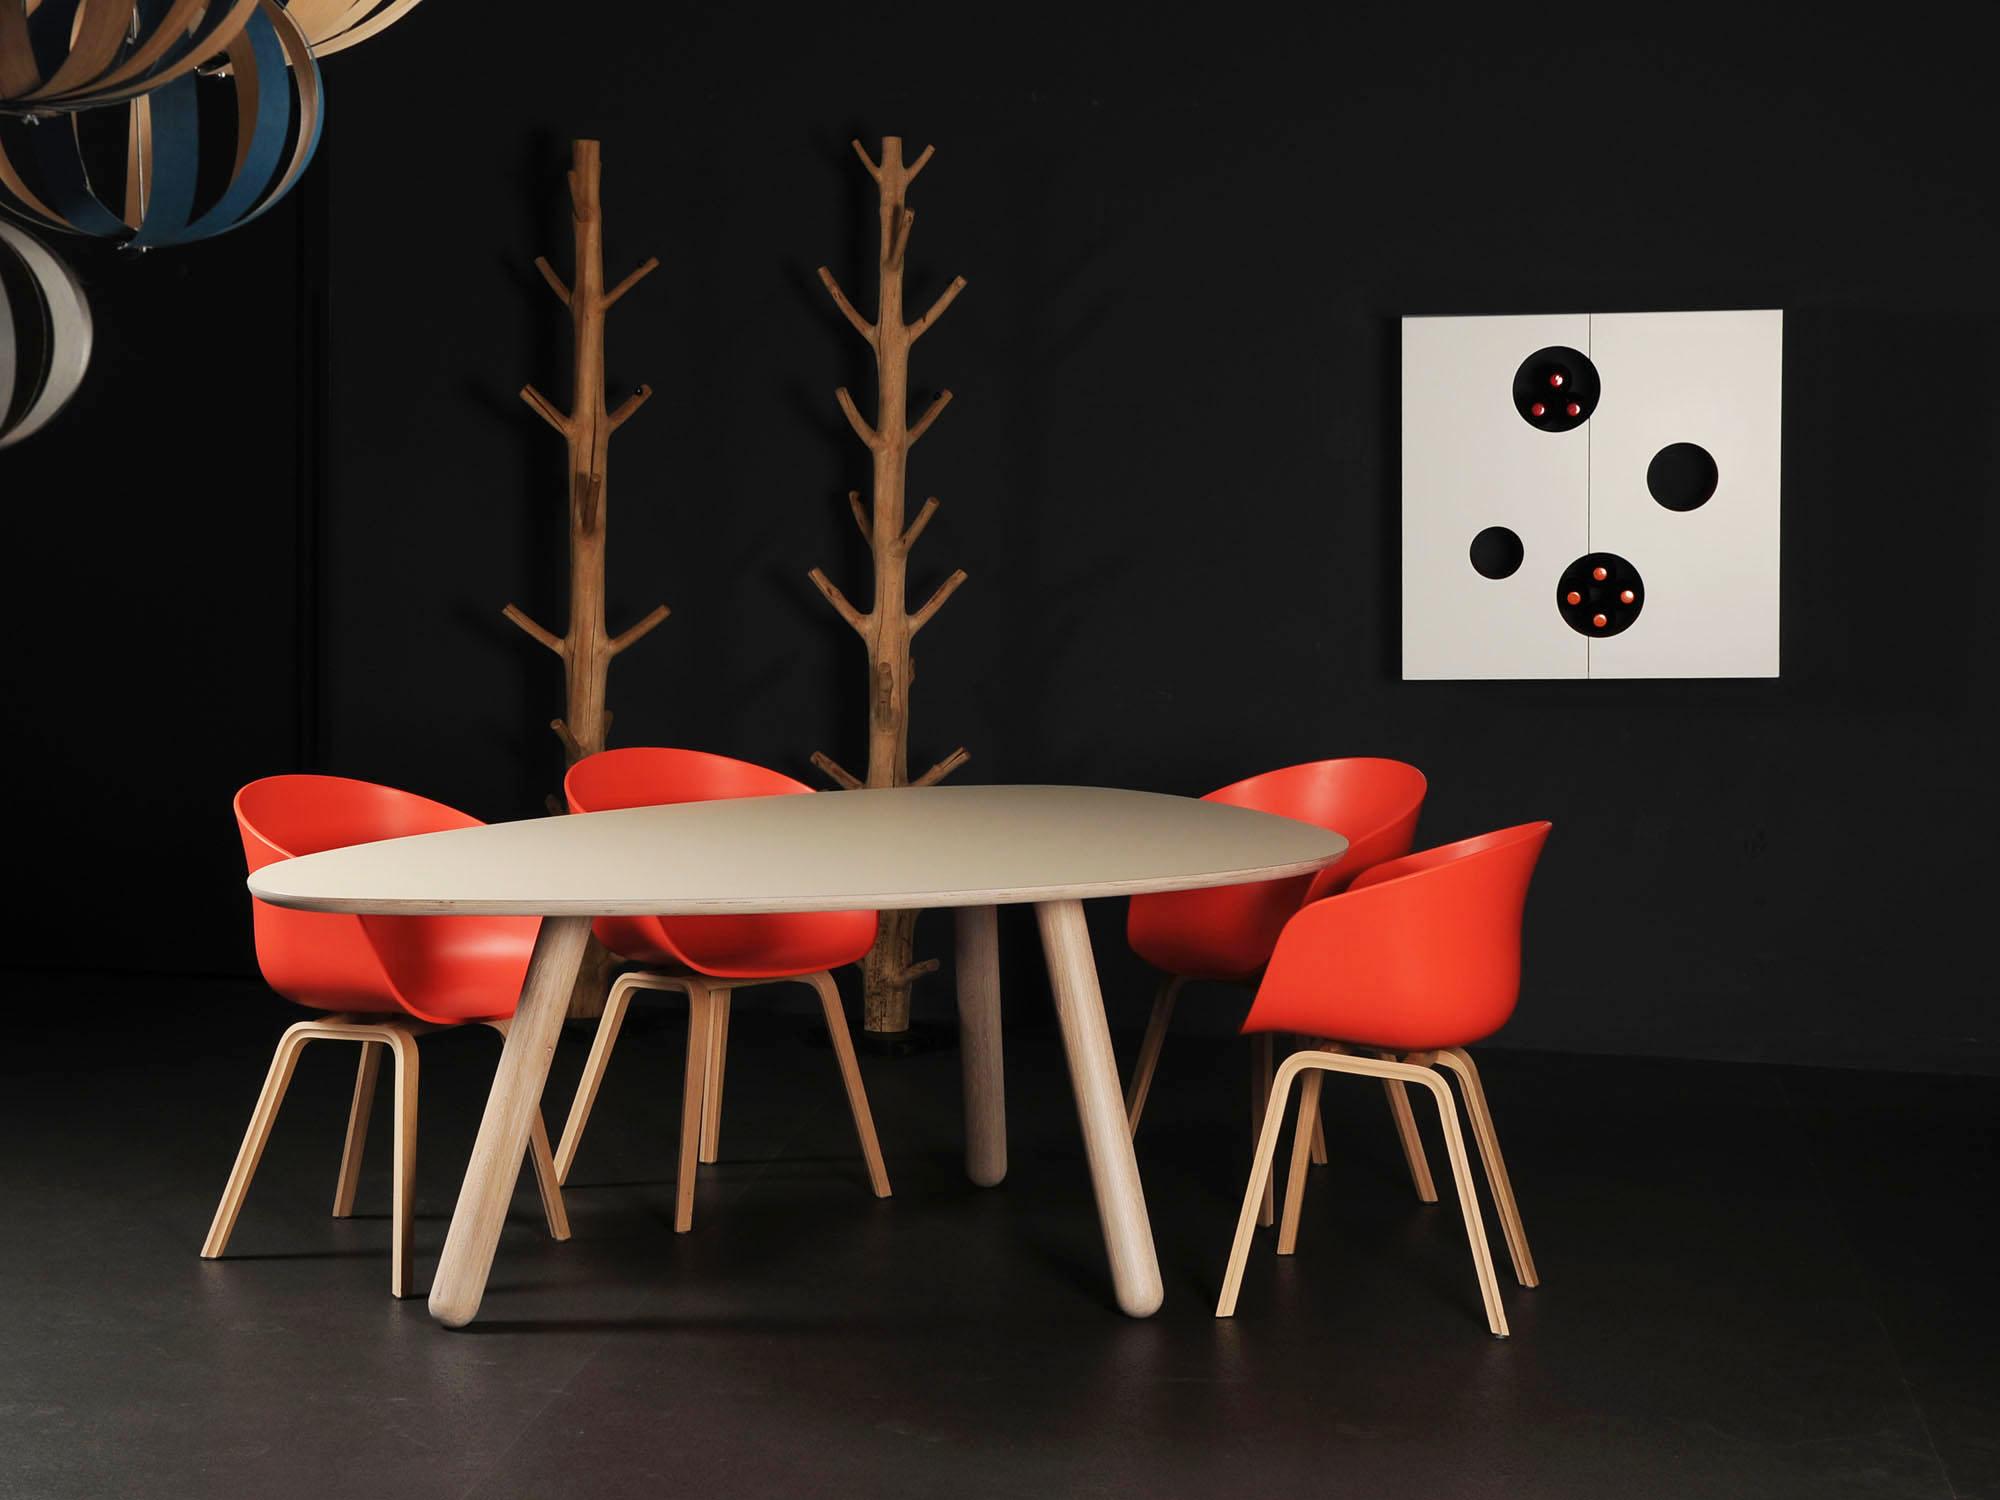 CIRCLIPS-2 tafel en KAAST-kast, ontwerp door Dick Spierenburg, Karel Boonzaaijer en Coen Castelijn